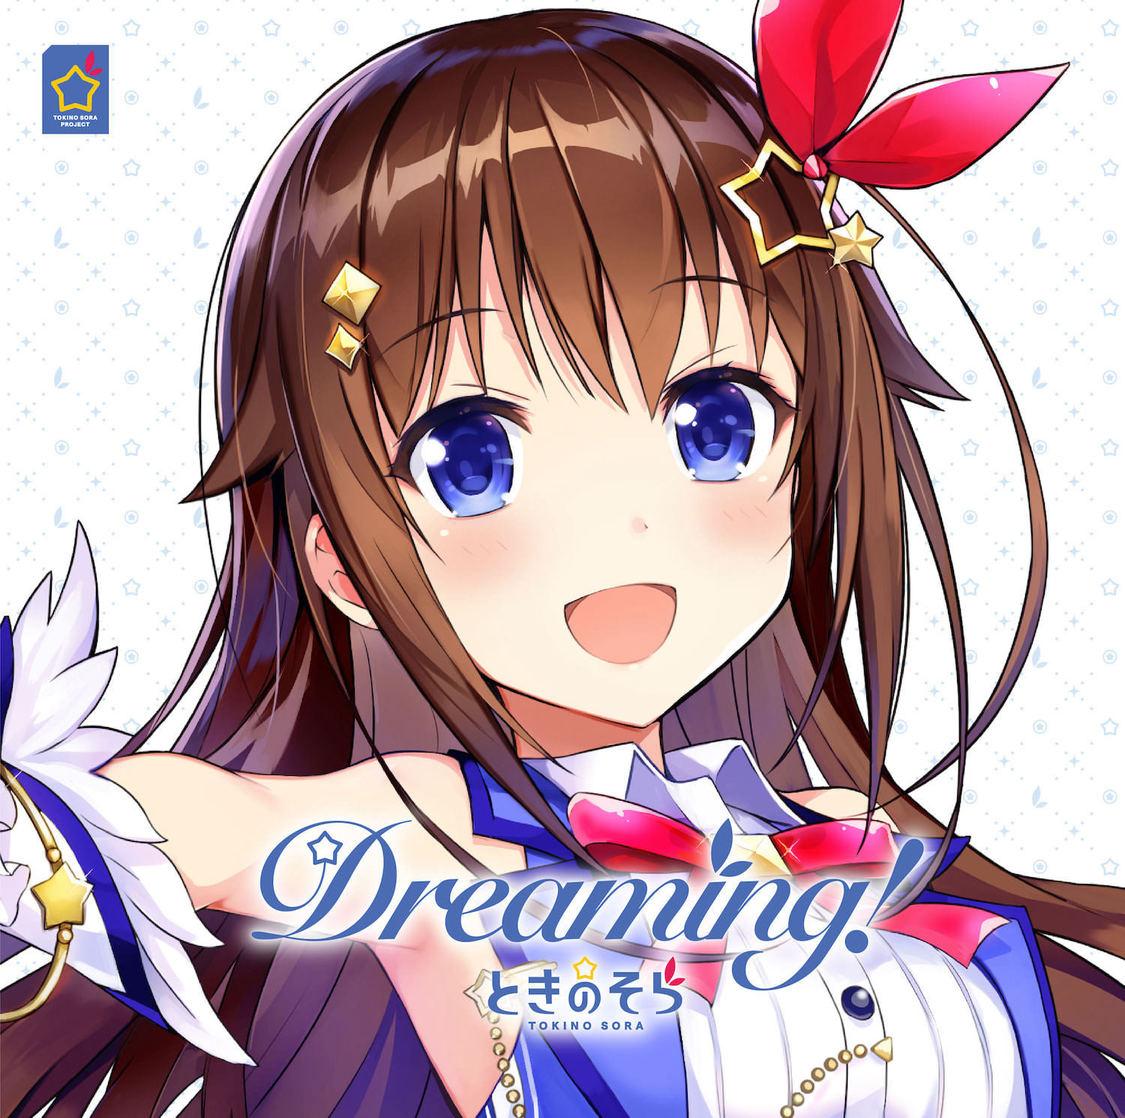 ときのそら『Dreaming!』(ⓒ 2016 COVER Corp.)